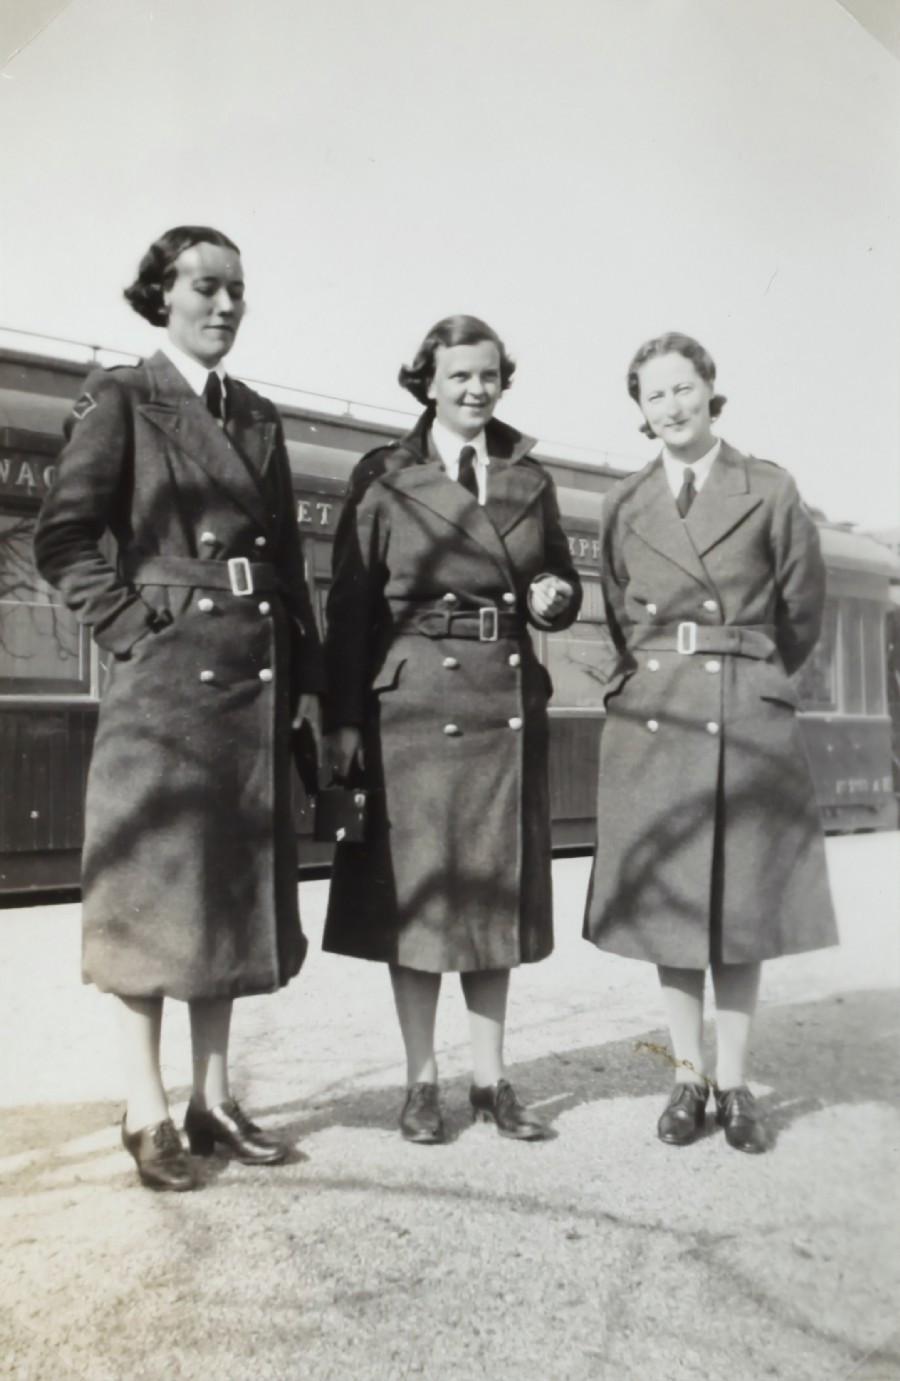 3 women in wwII uniforms